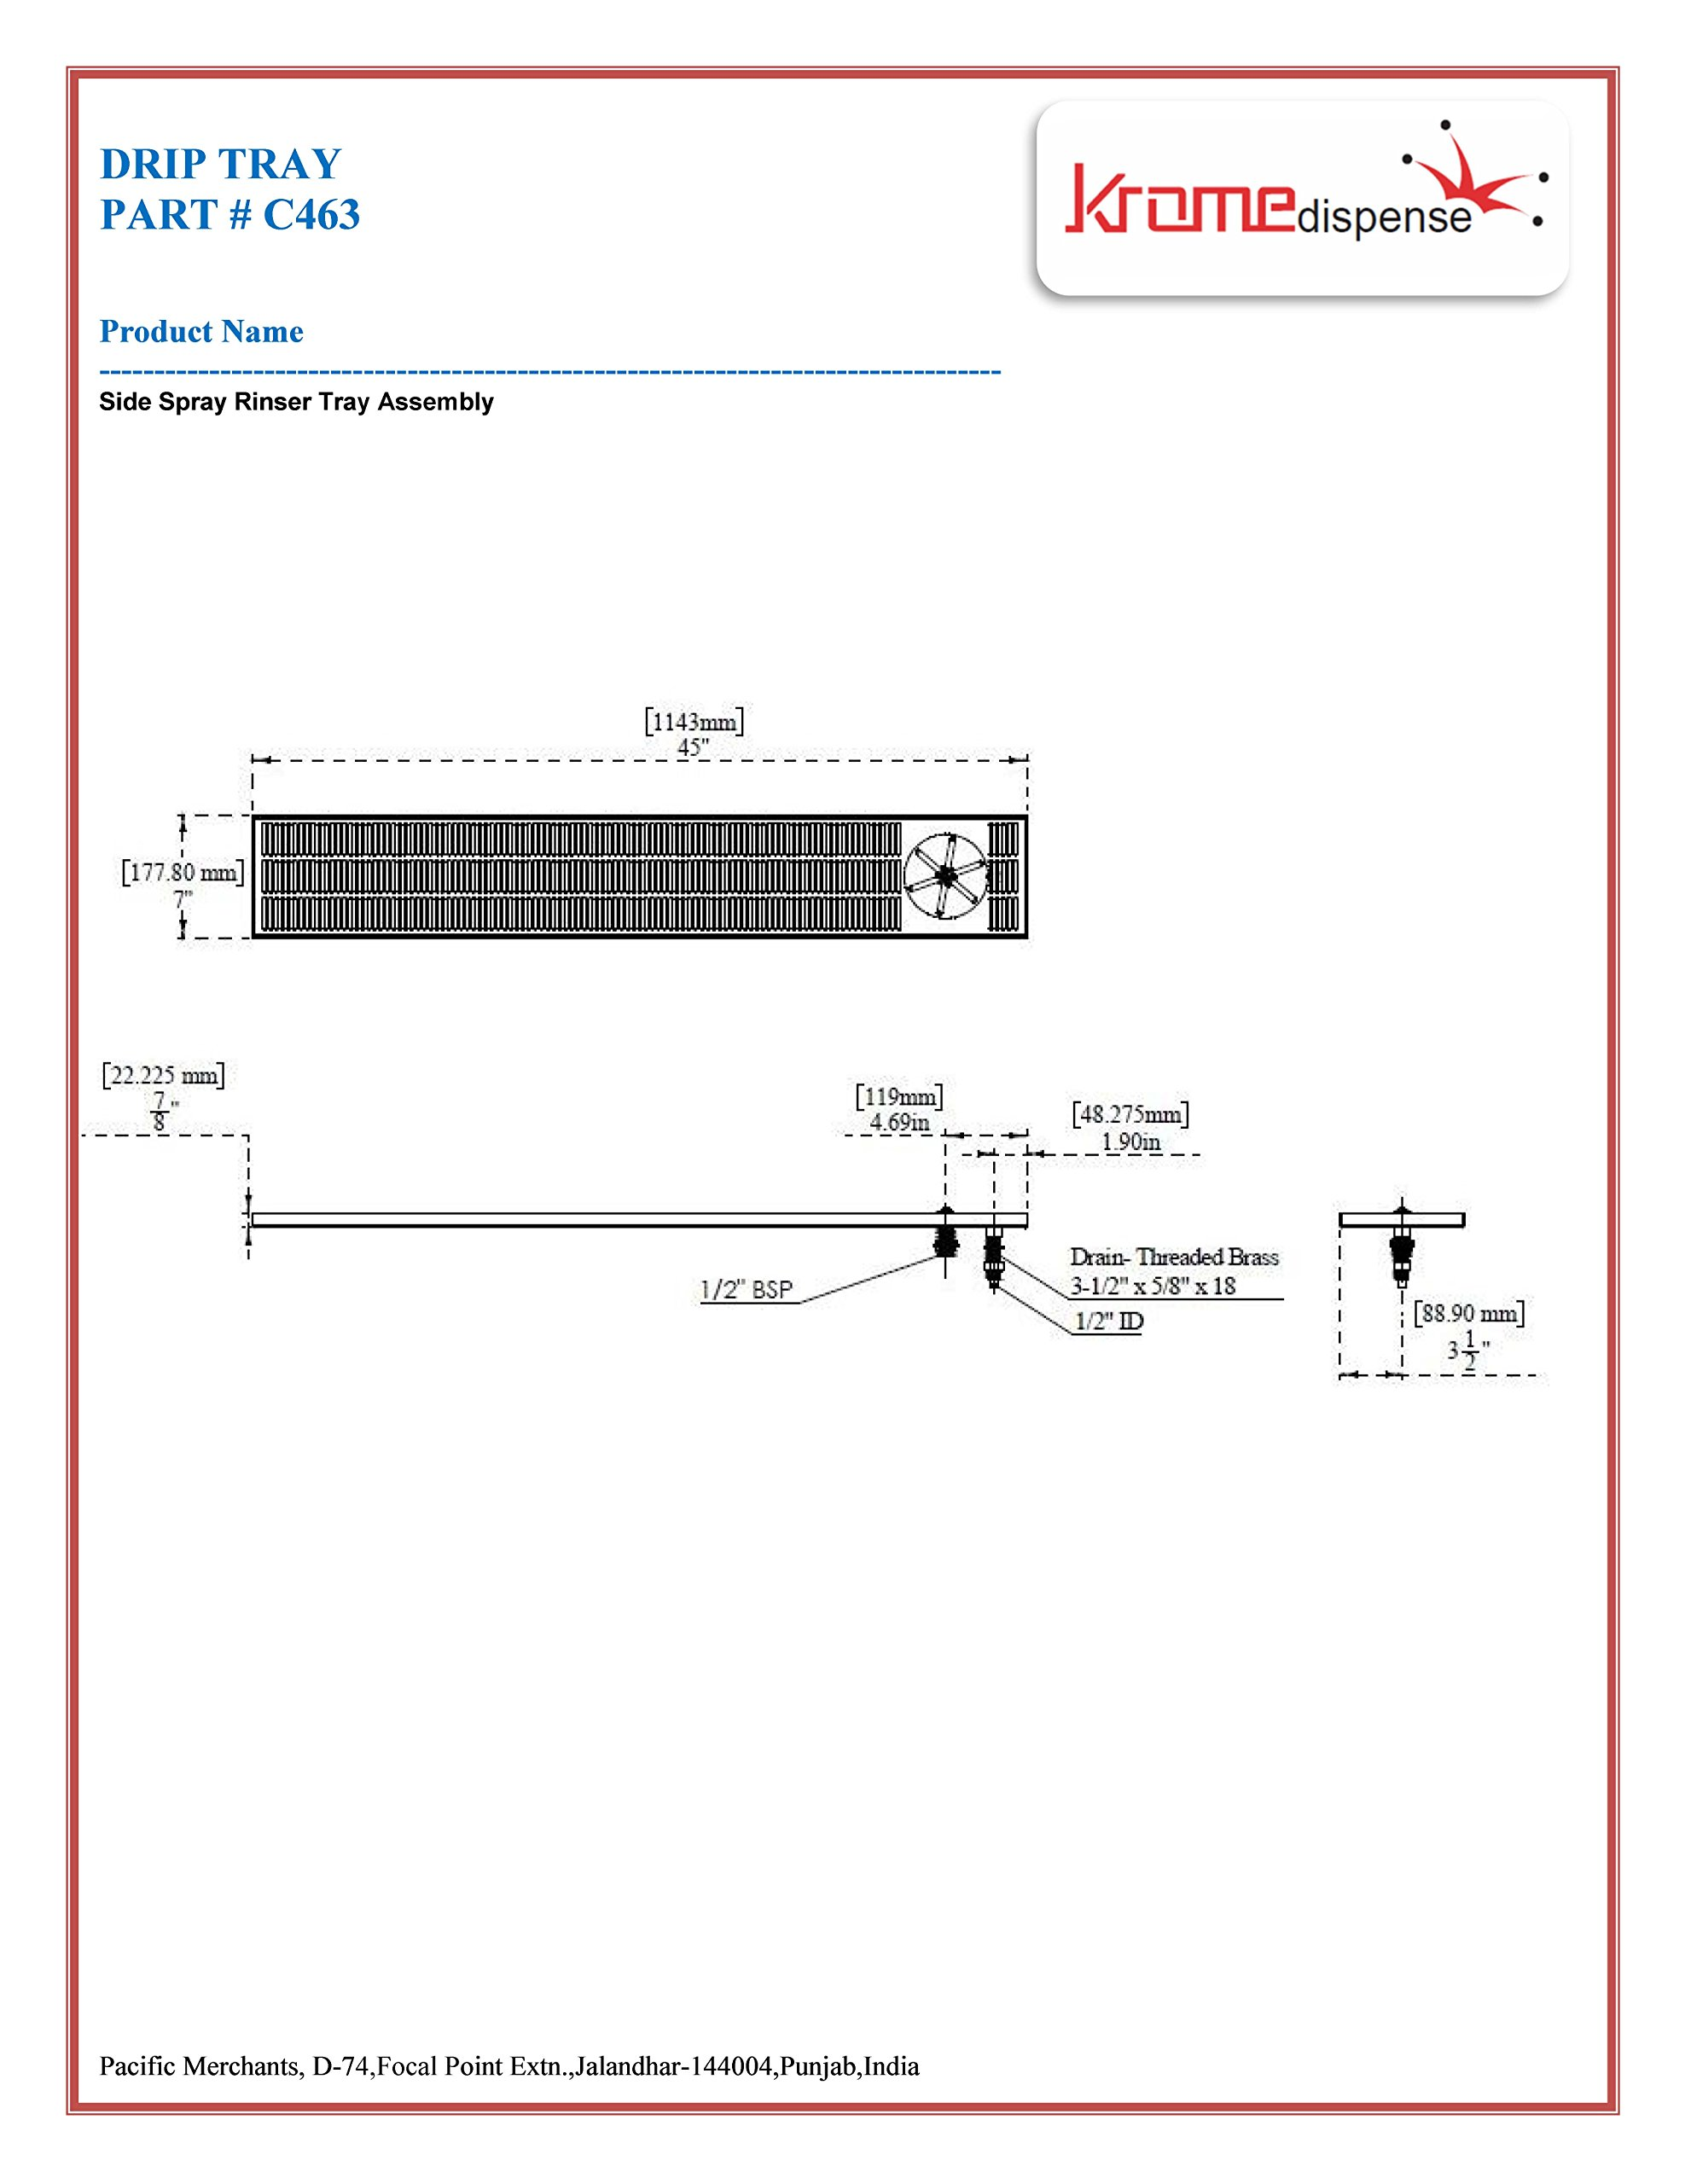 C335-36 Flush-Mount Frothing Pitcher Rinser//Glass Rinser; Inner Size 6 x 5.5 x 2.5 Krome Dispense Pack of 36